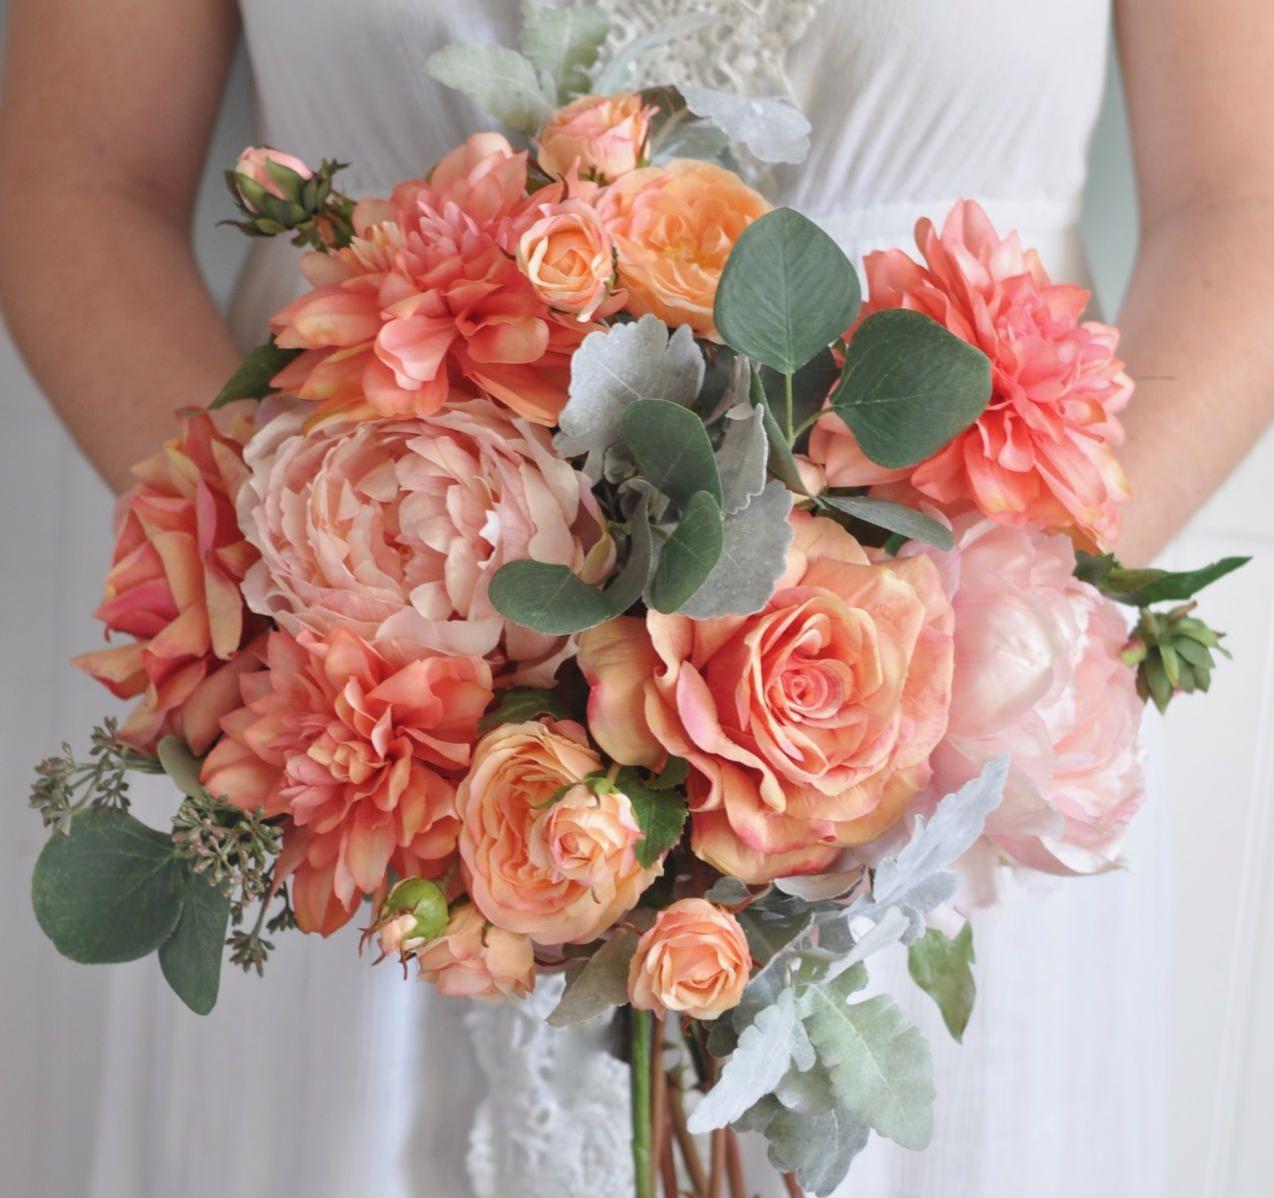 Wedding Bouquet, Wedding Flowers, Wedding, Artificial Silk Flowers, Flower Bouquet, Bridal Bouquet, Boho, Bridesmaid Bouquet, Flowers, Bride #pinkbridalbouquets